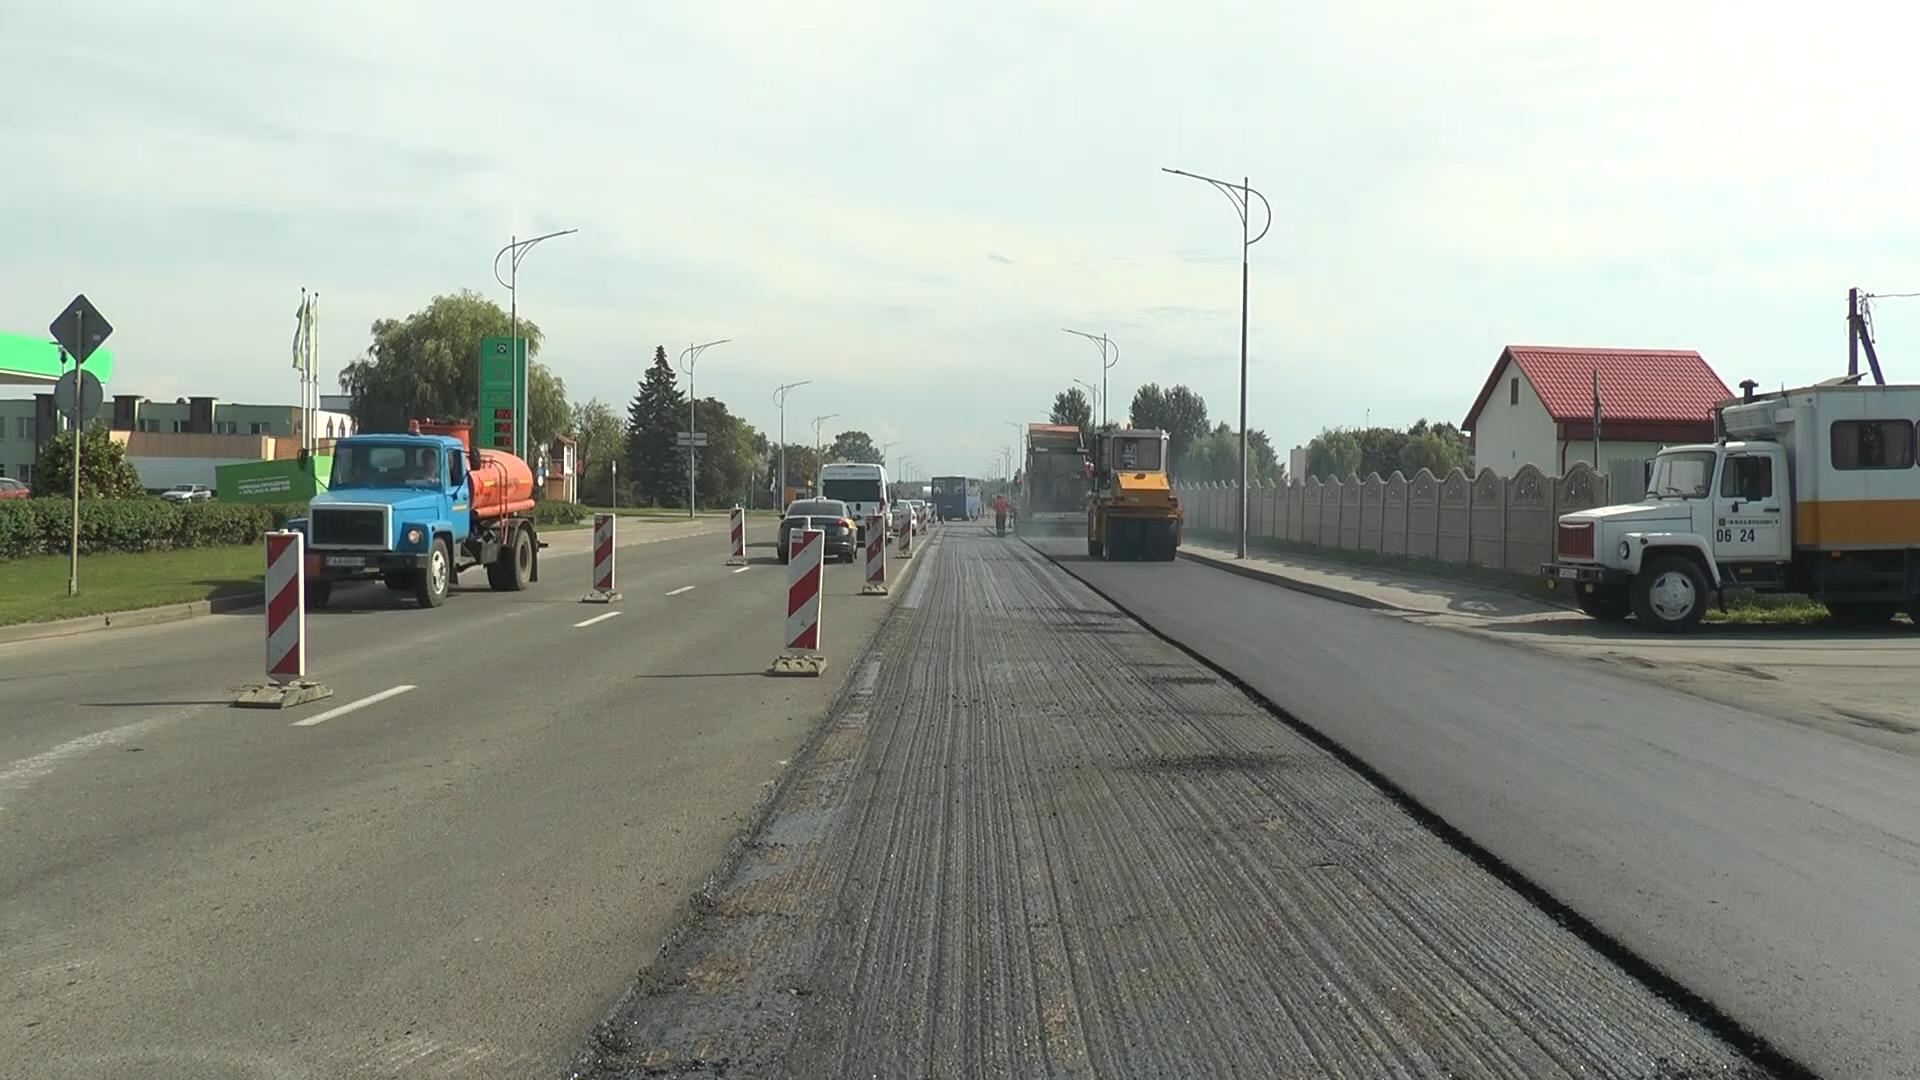 Накануне на проспекте Победы в Лиде (на участке от АЗС «Лиданефтепродукт» до перекрестка у ресторана «Легенда») работали специалисты дорожно-строительного управления № 24